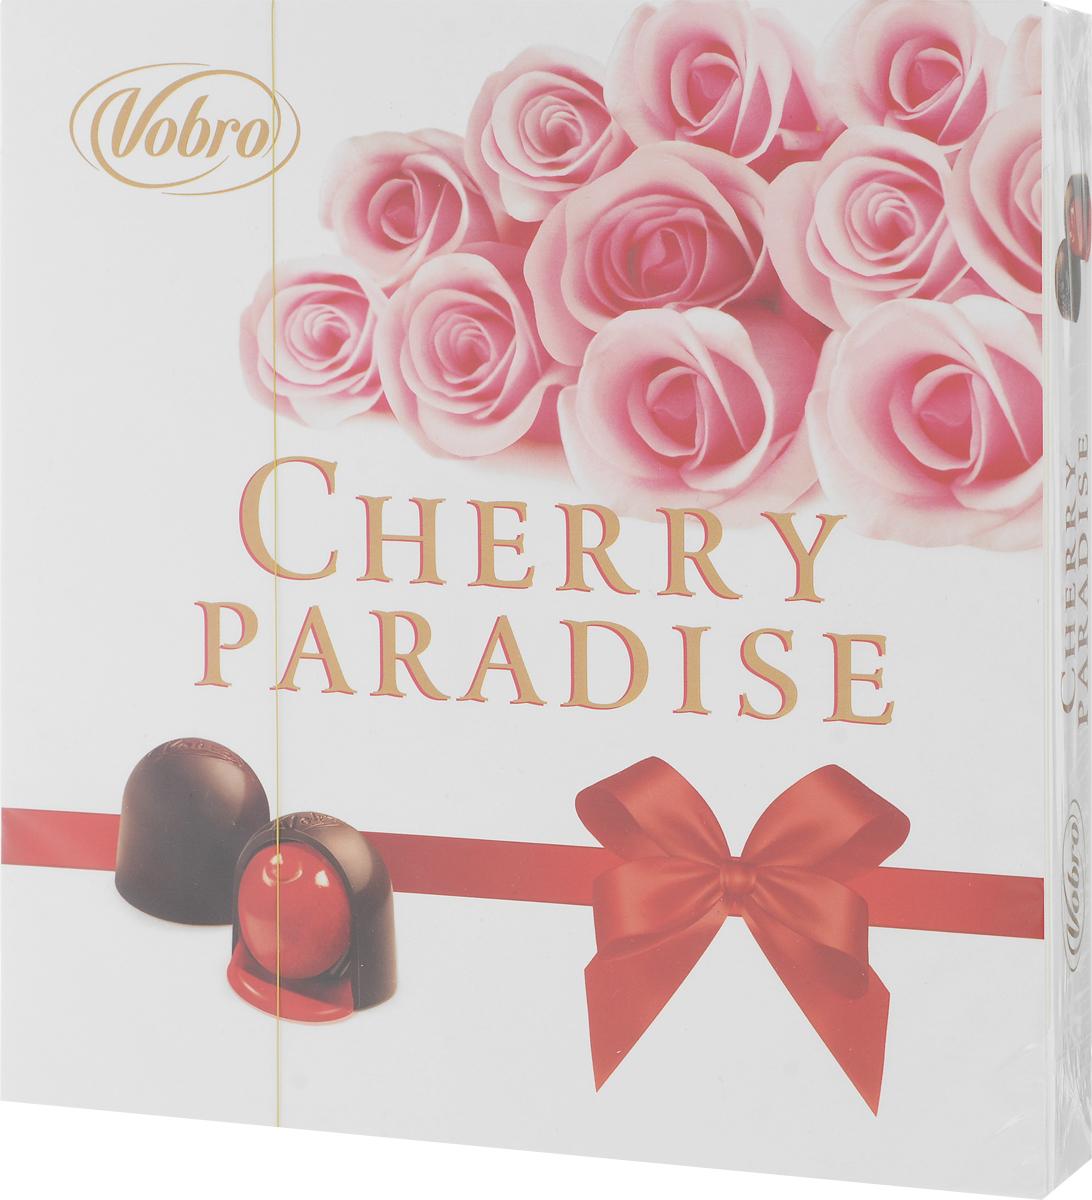 Vobro Cherry Paradise набор шоколадных конфет вишня в ликере, 105 г пудовъ кексики шоколадные 250 г